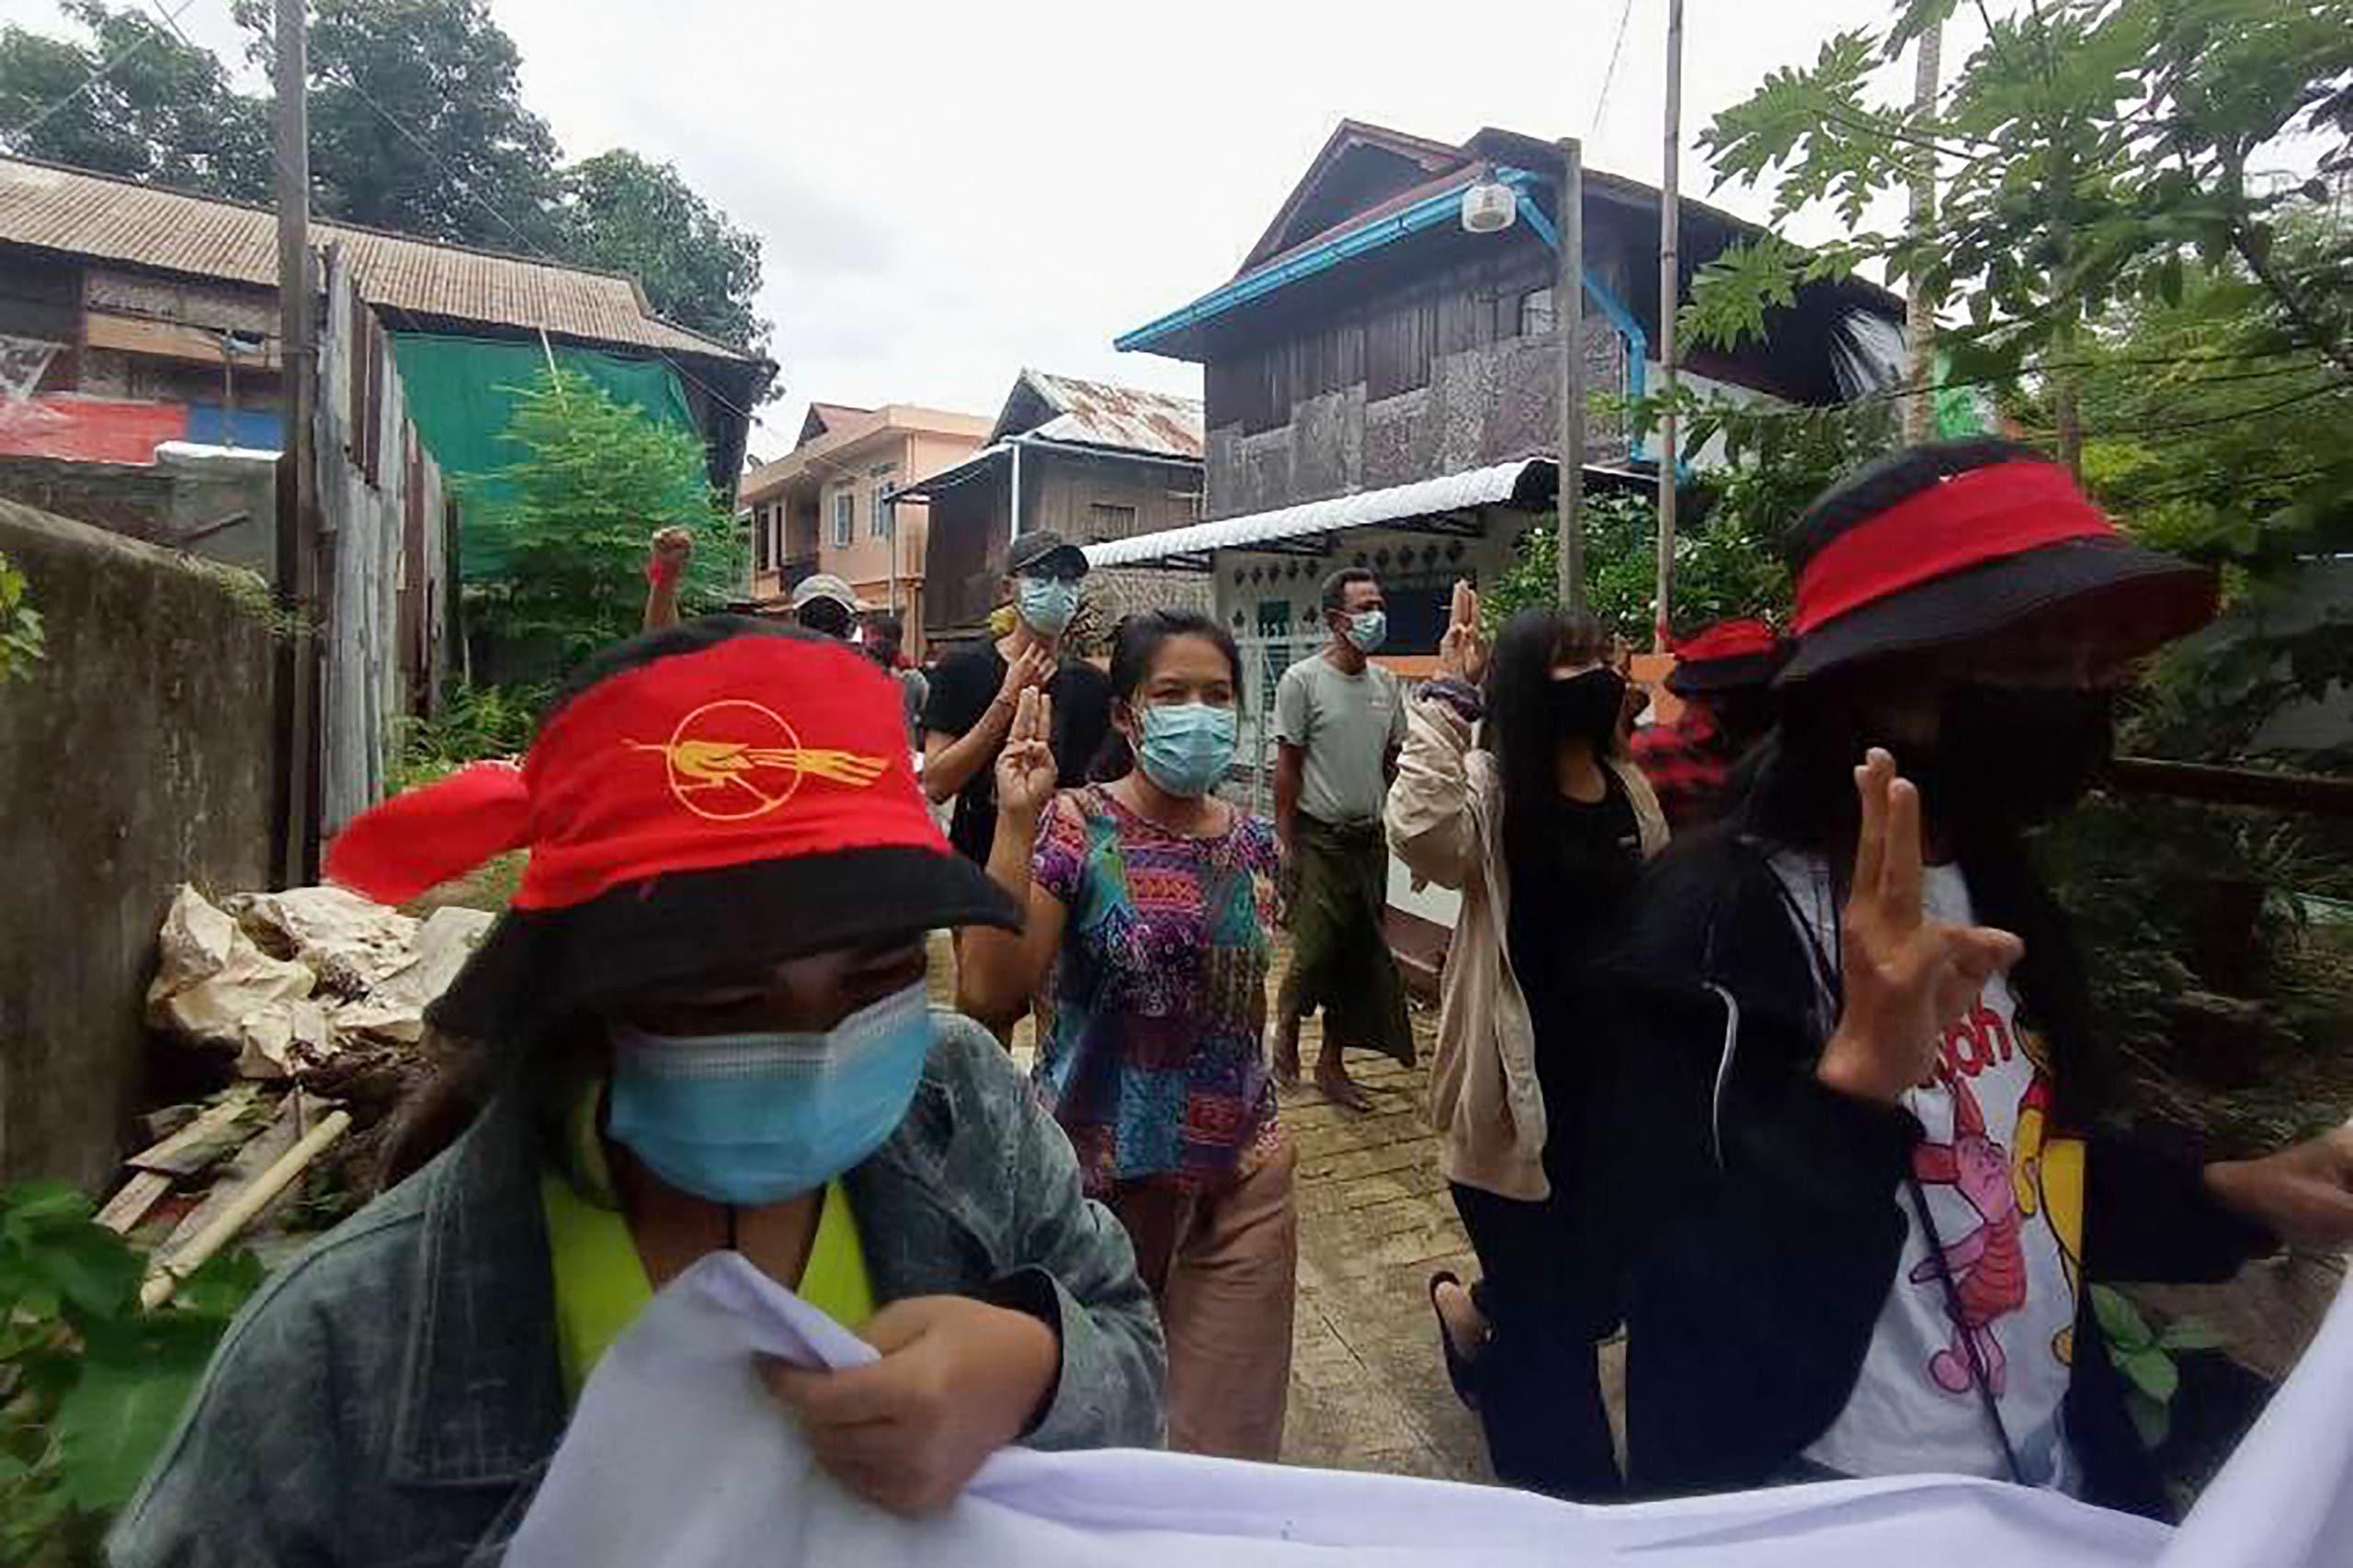 مظاهرة ضد الانقلاب الأسبوع الماضي في داوي